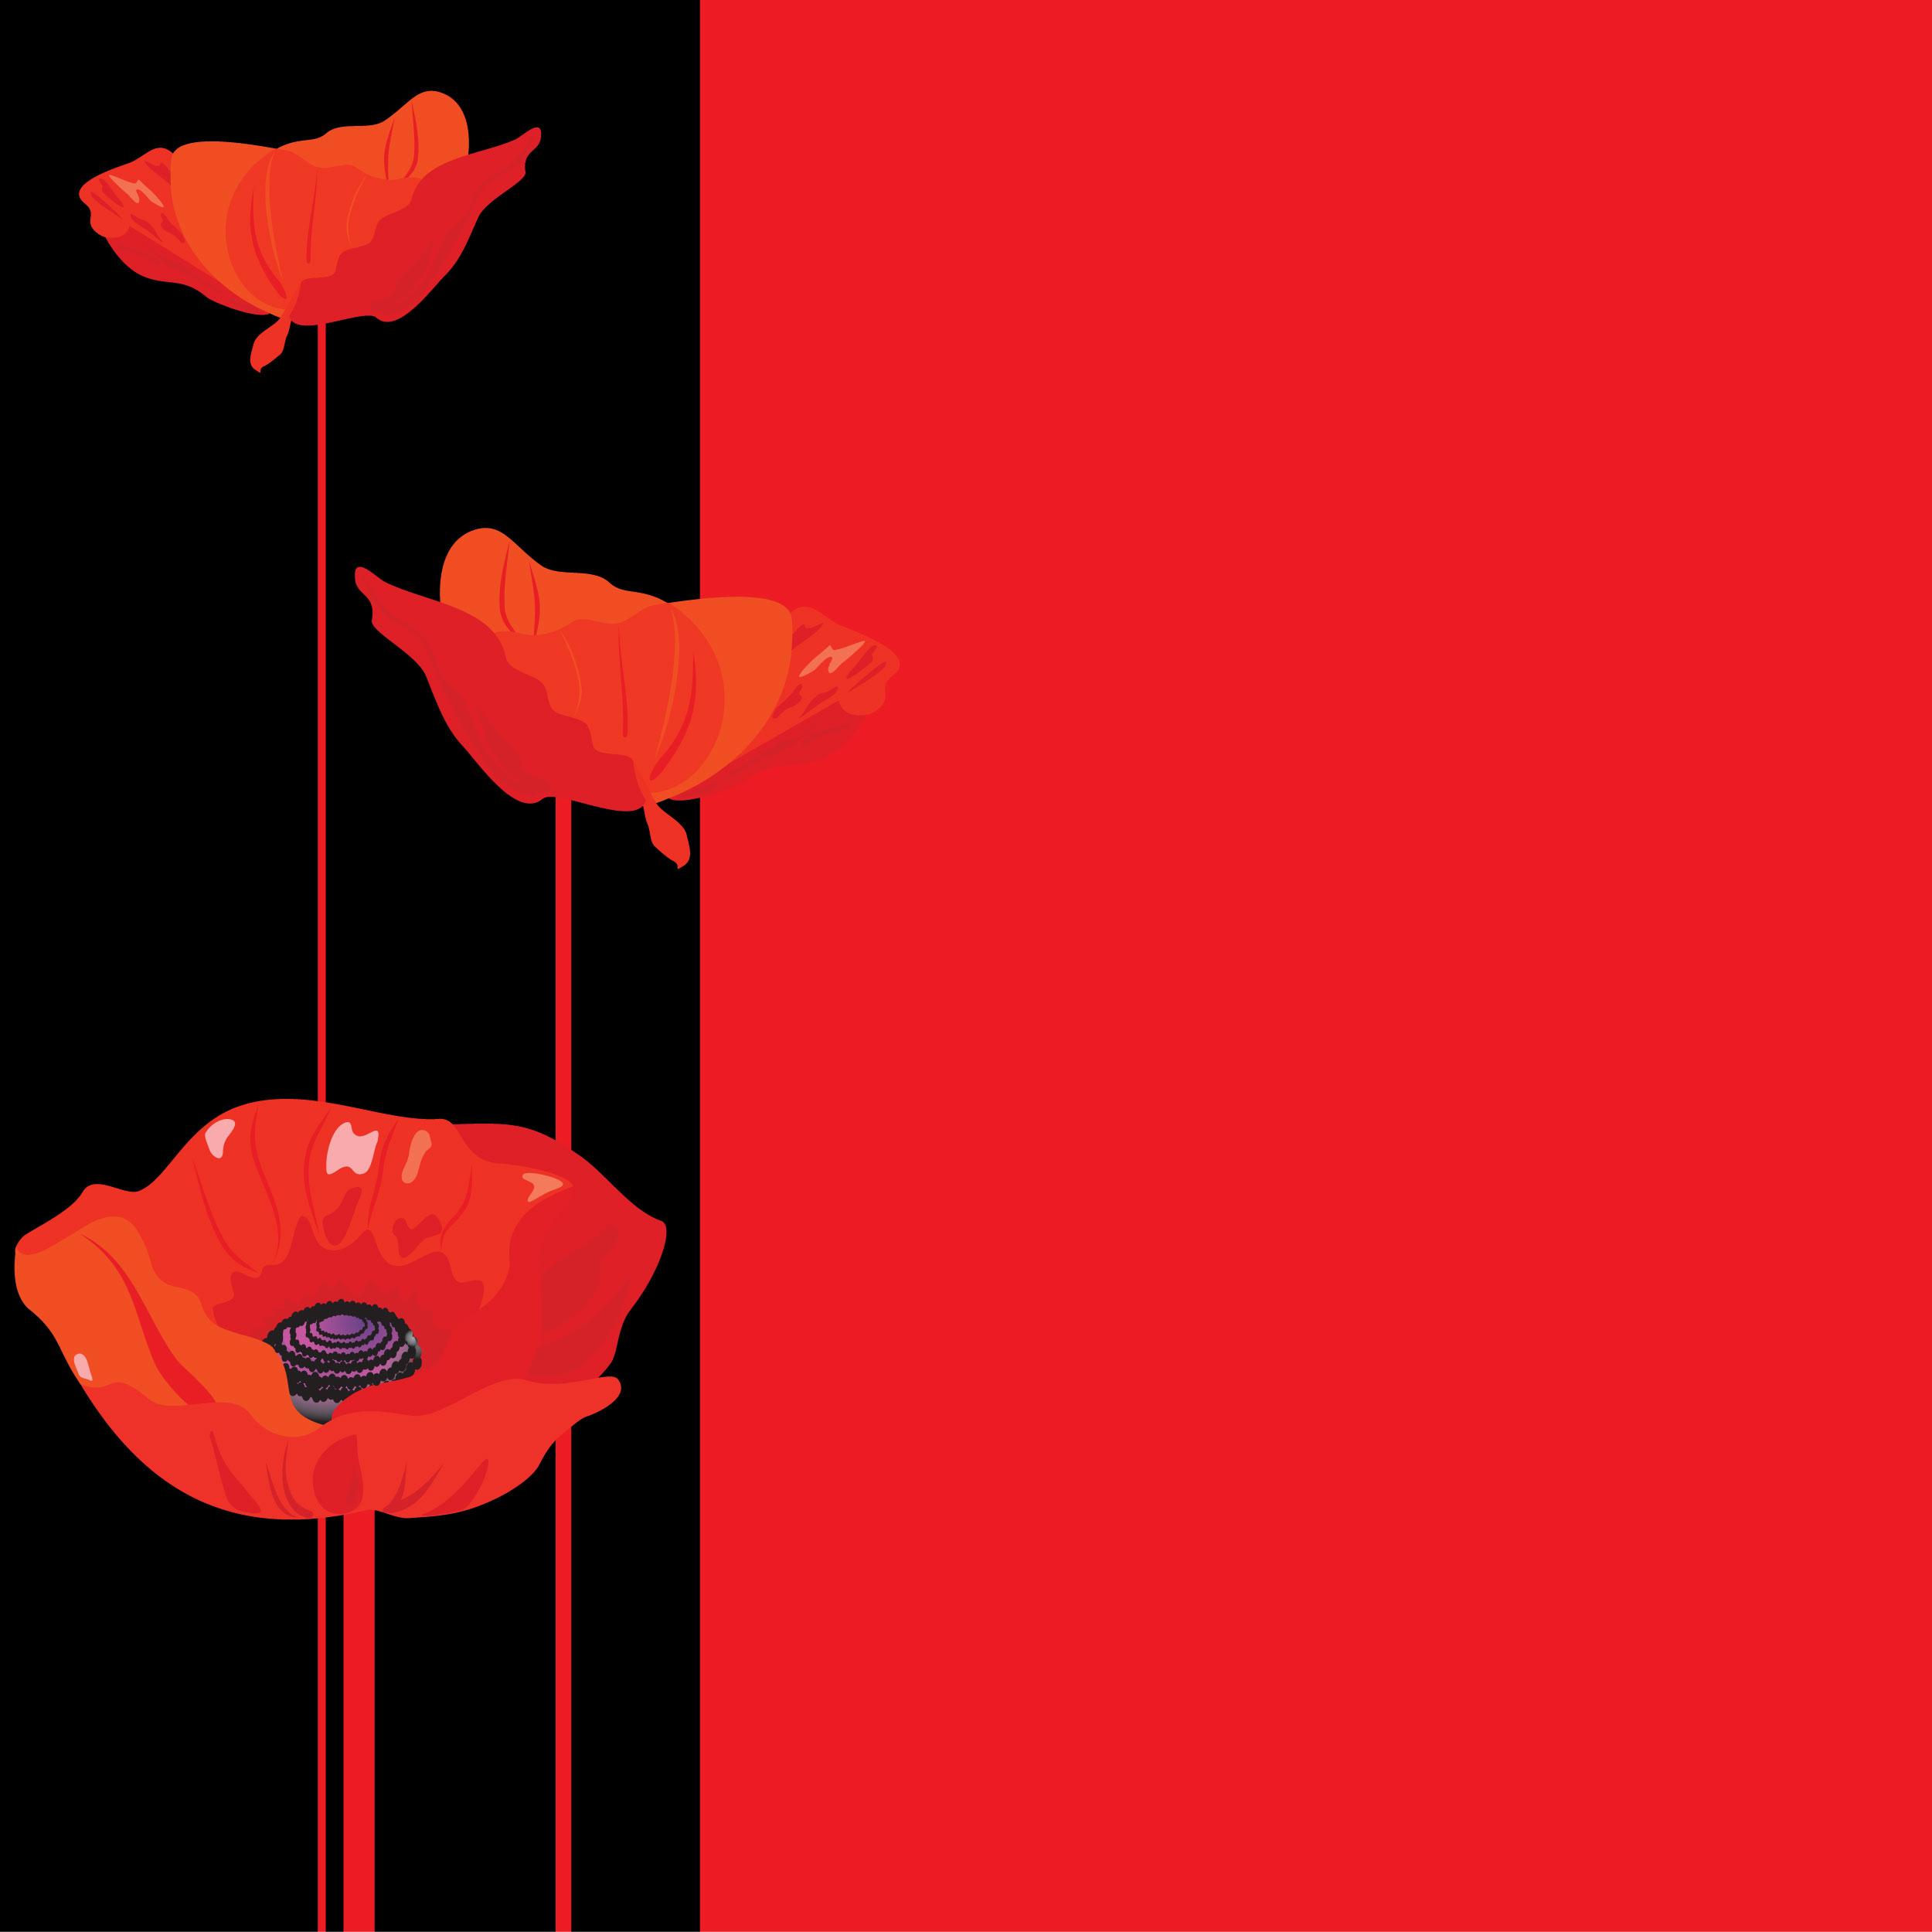 花のイラスト フリー素材 壁紙 背景no 759 赤黒 ポピー ひなげし